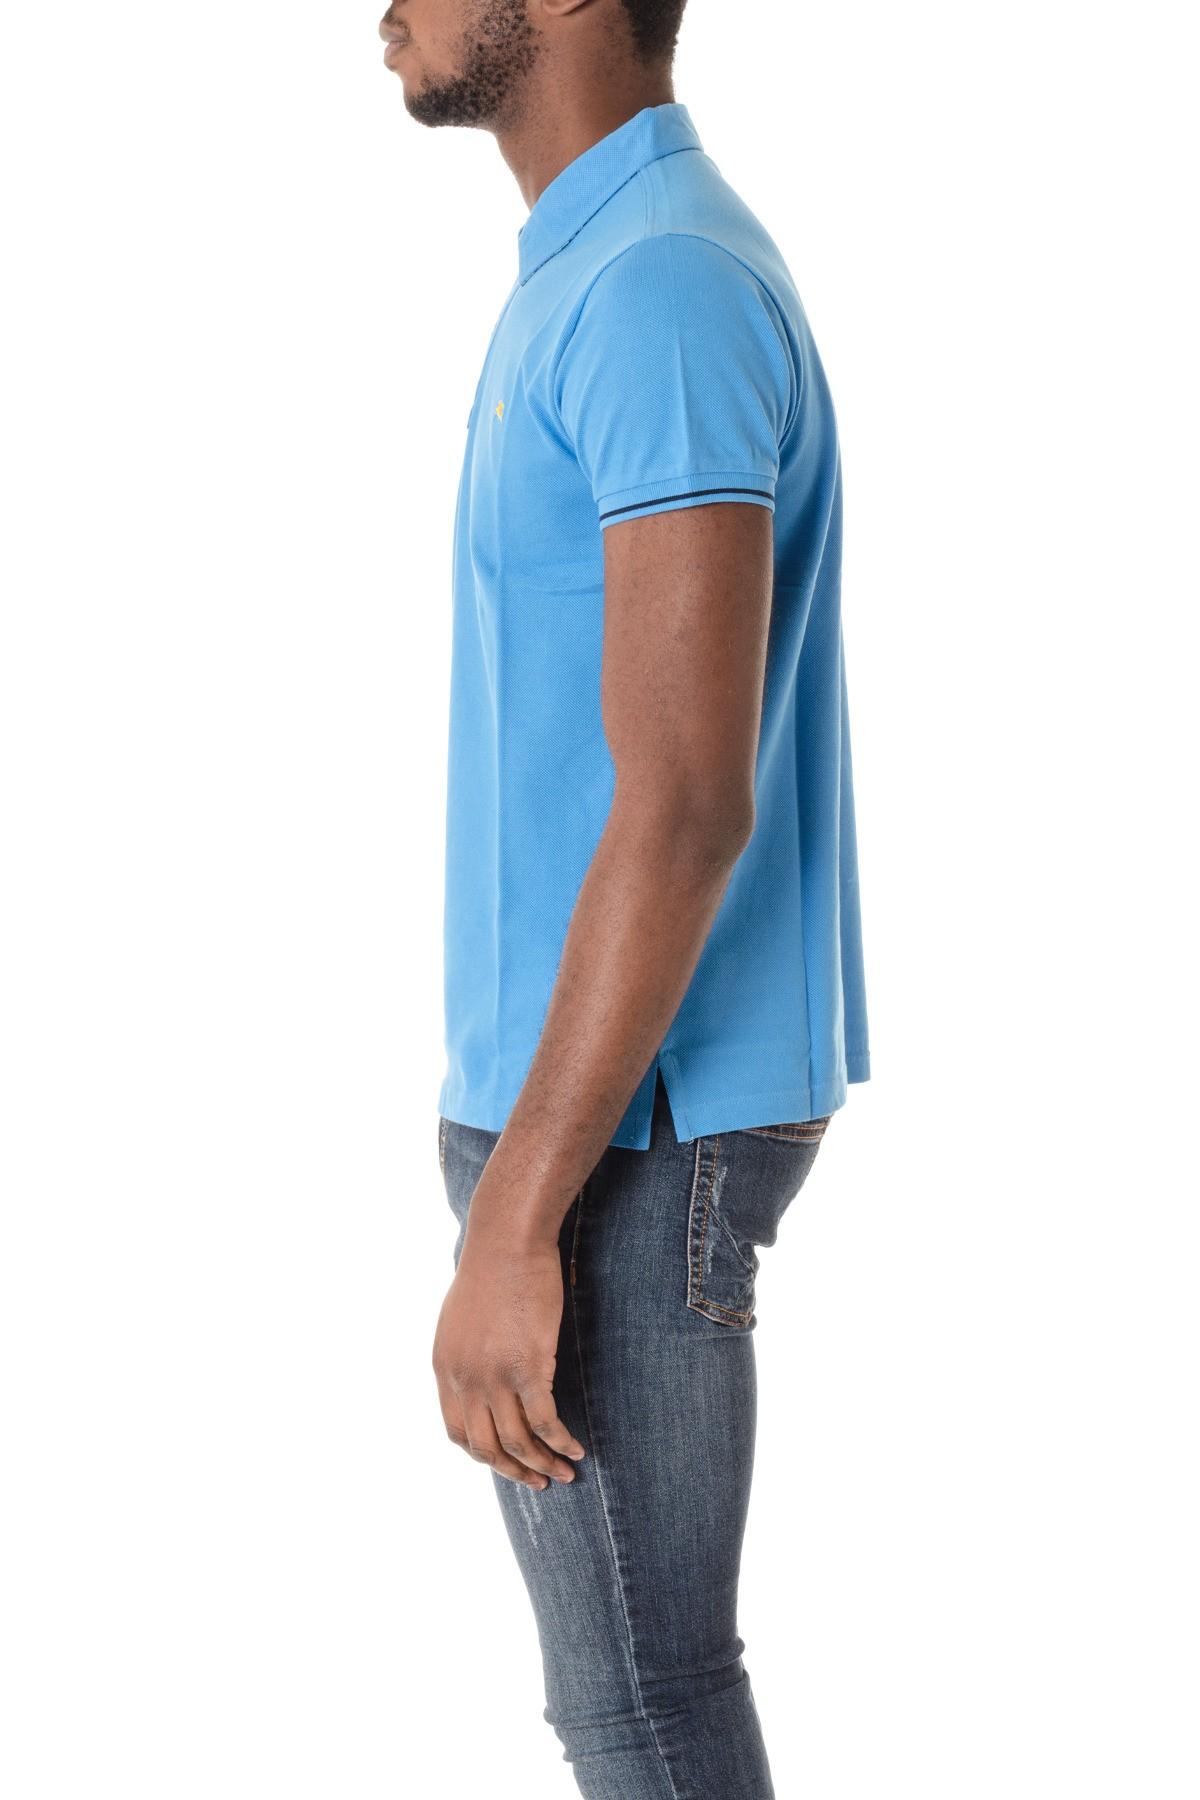 9255b12cf ETRO S/S 16 Light blue polo shirt for men - Rione Fontana